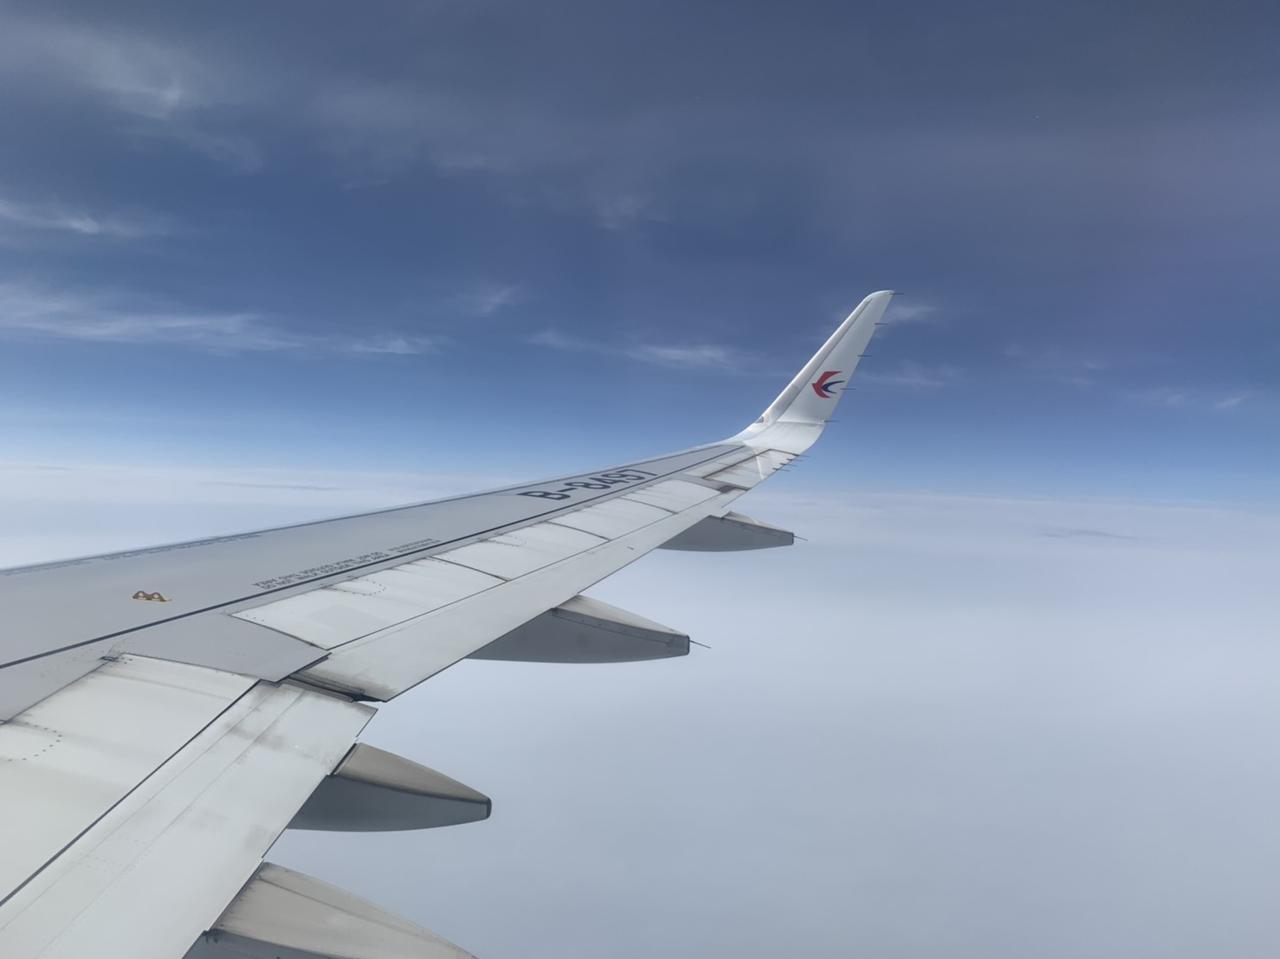 画像: 中国東方航空は名古屋から北京、上海へ直行便がでています 担当者撮影